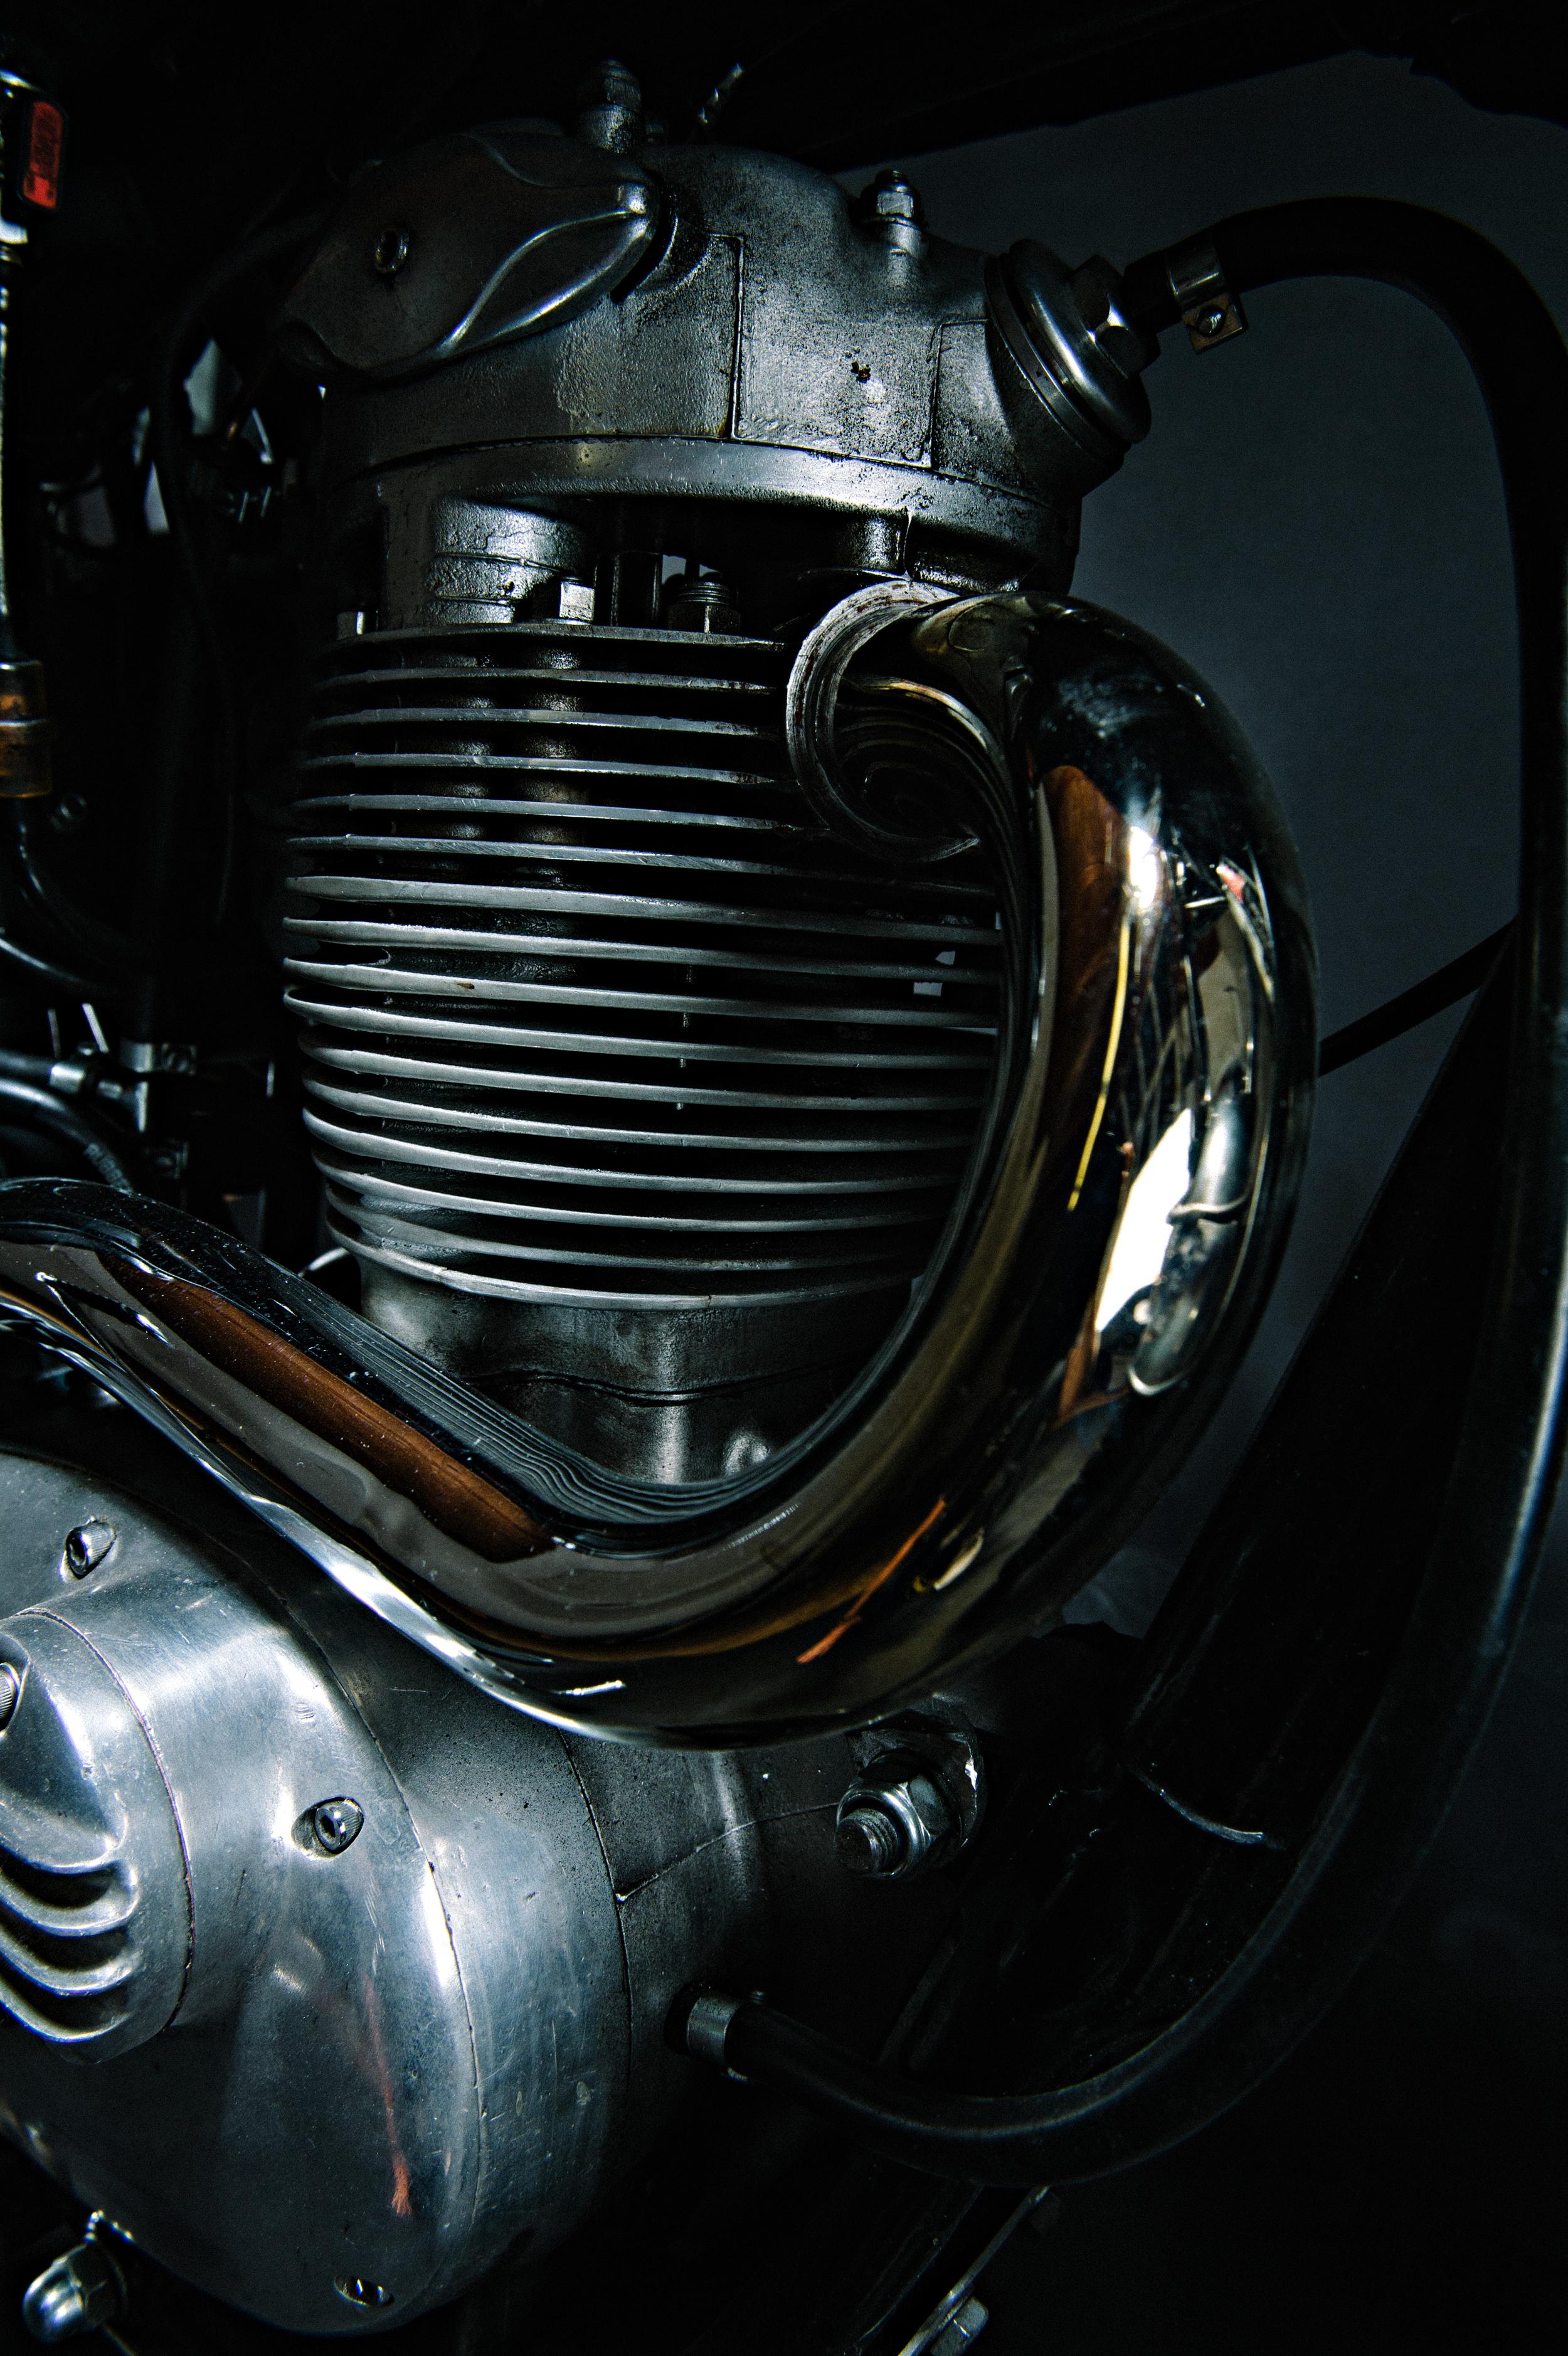 BSA_ByLorenzrichard.com-5244.jpg